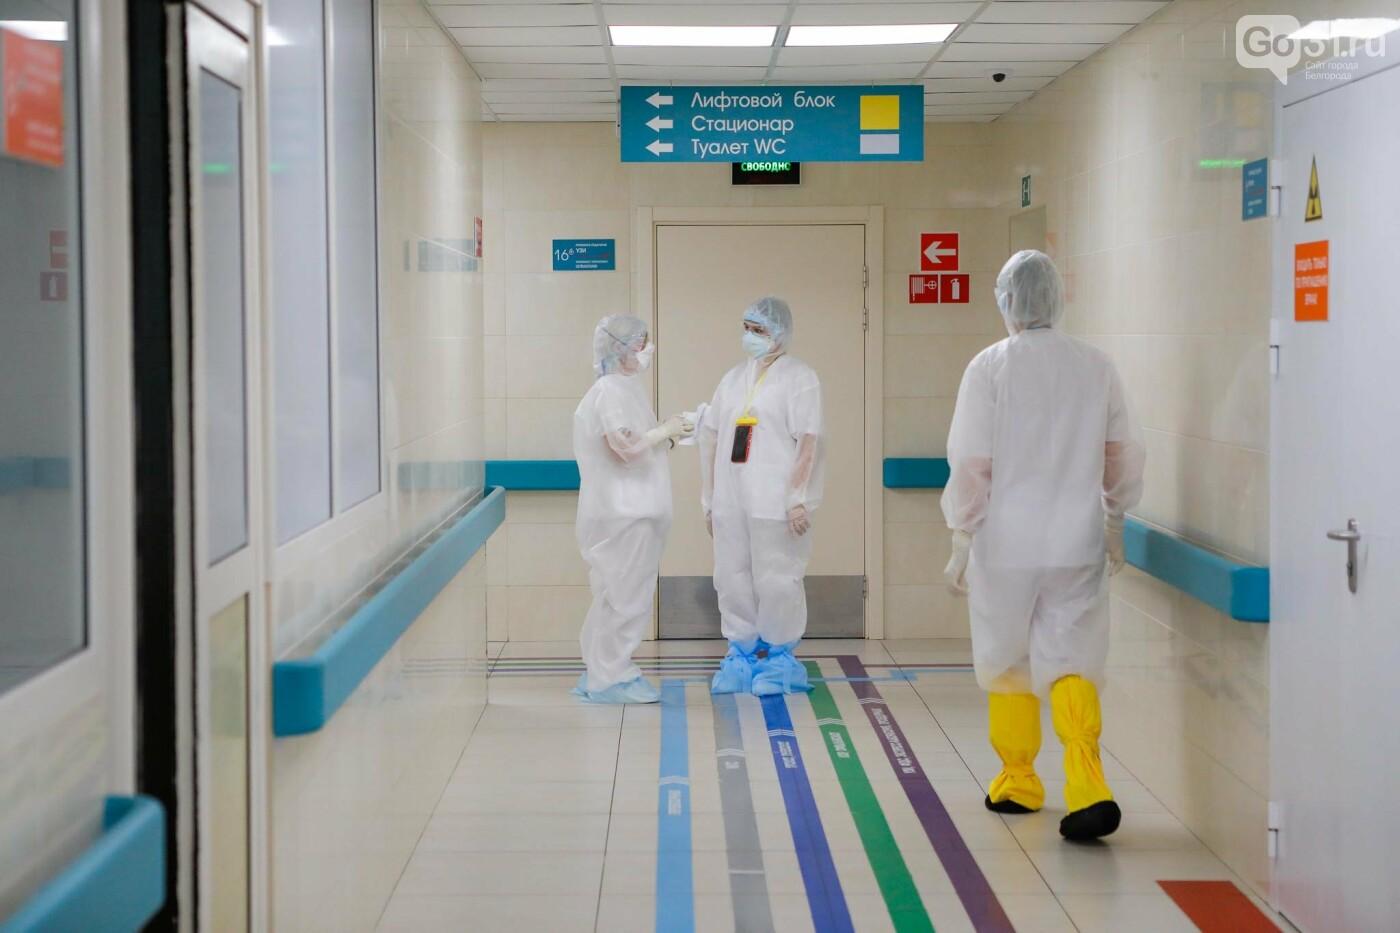 Что происходит в ковид-госпитале Белгорода. Фоторепортаж из «красной» зоны, фото-77, Фото: Антон Вергун